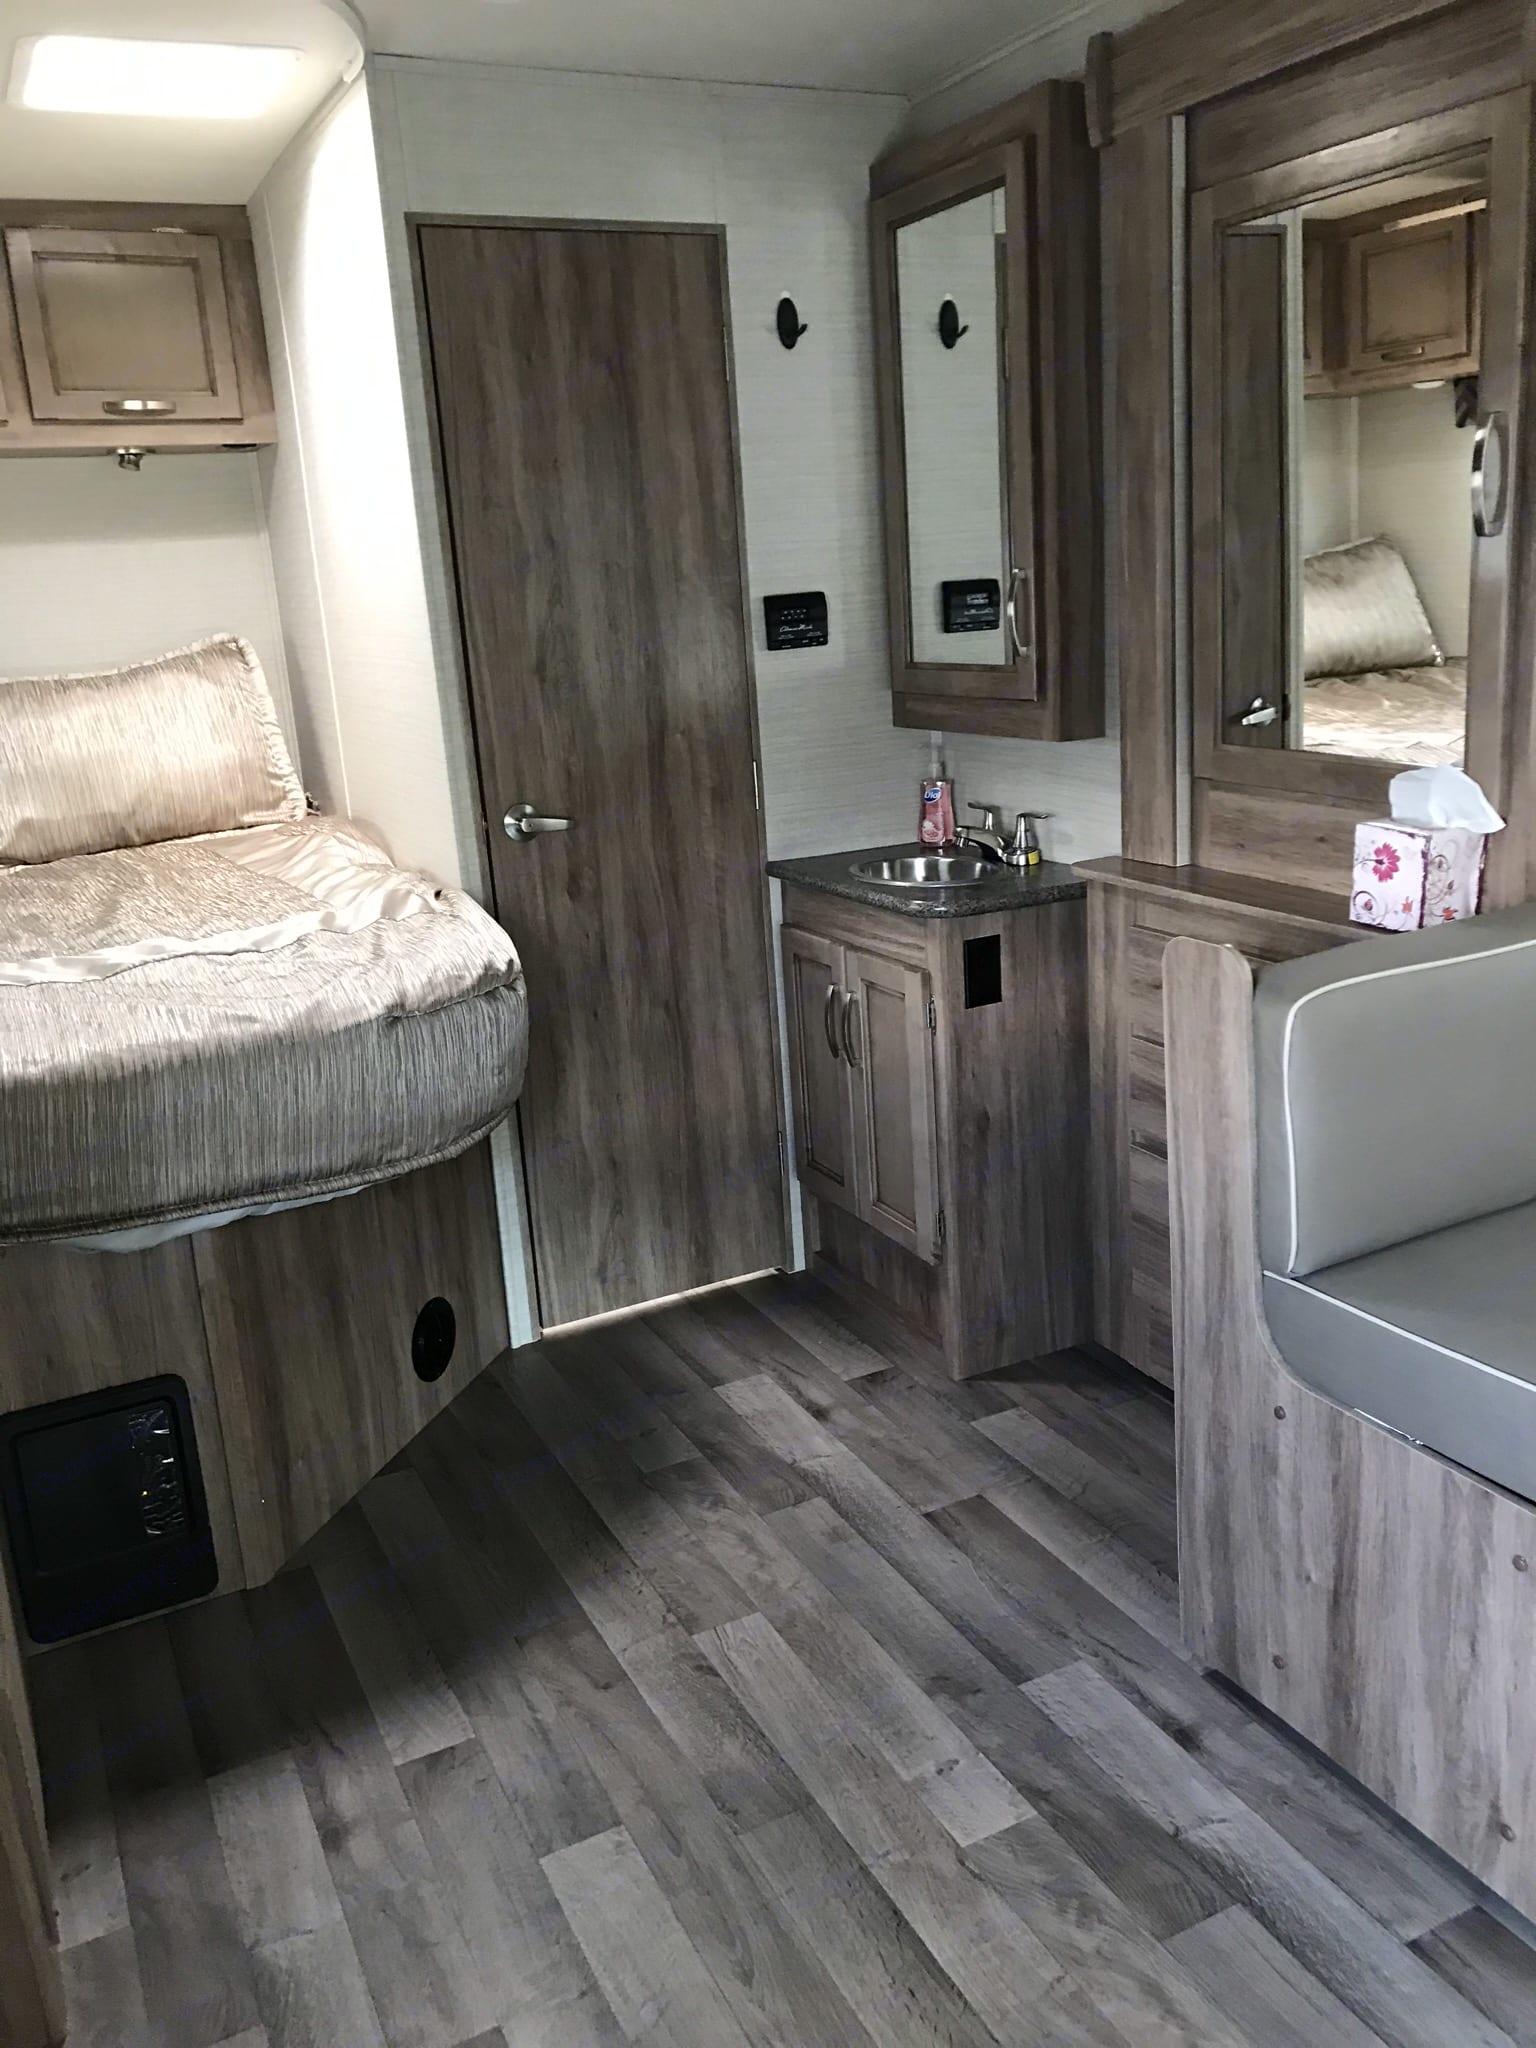 Queen bed, vanity. Jayco Redhawk 2019